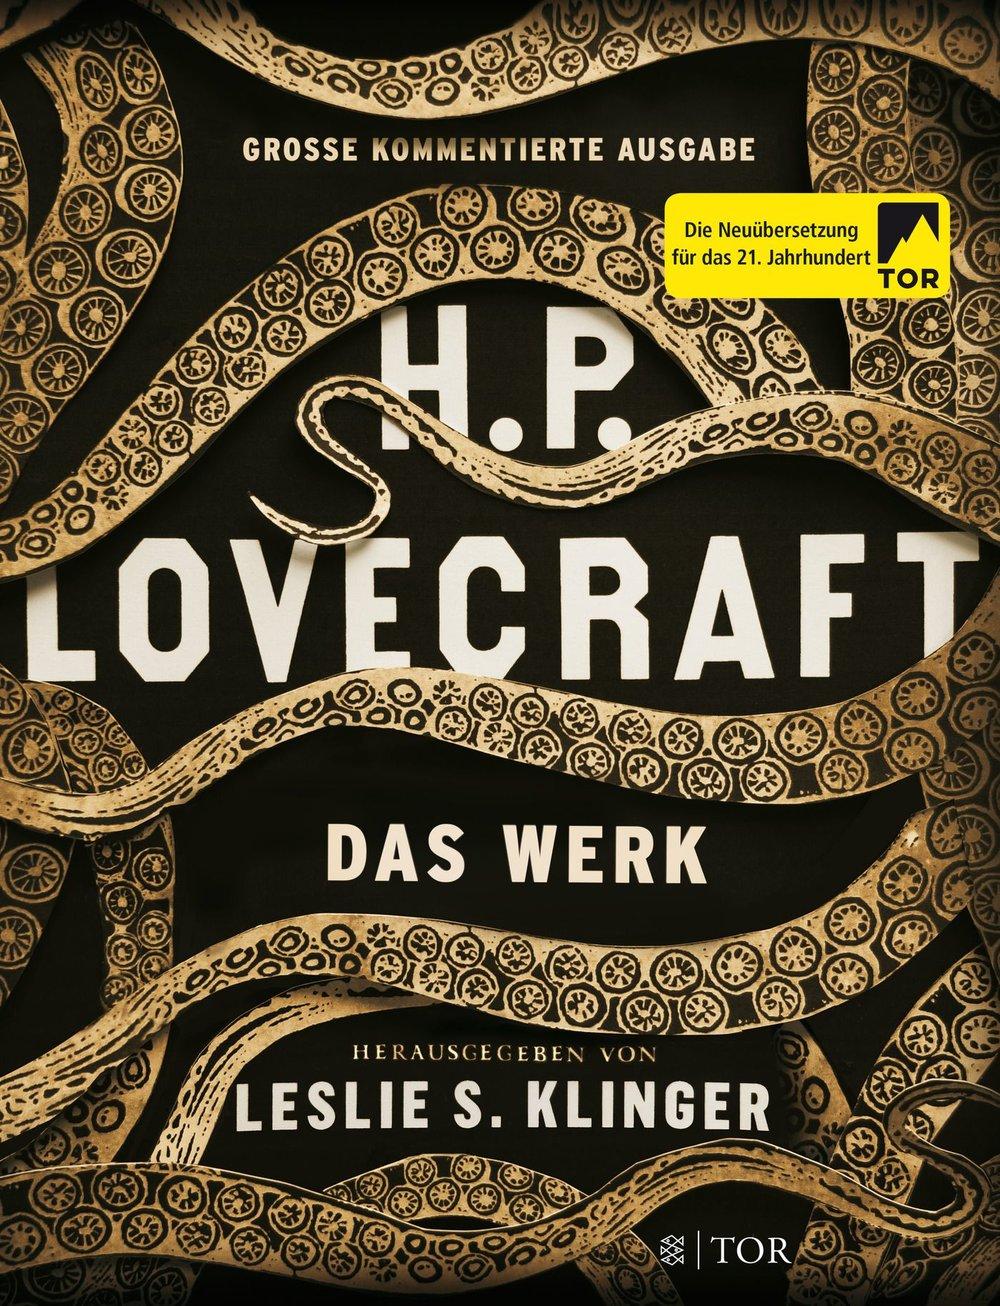 Lovecraft-das-werk-phantastik-autoren-netzwerk.jpg